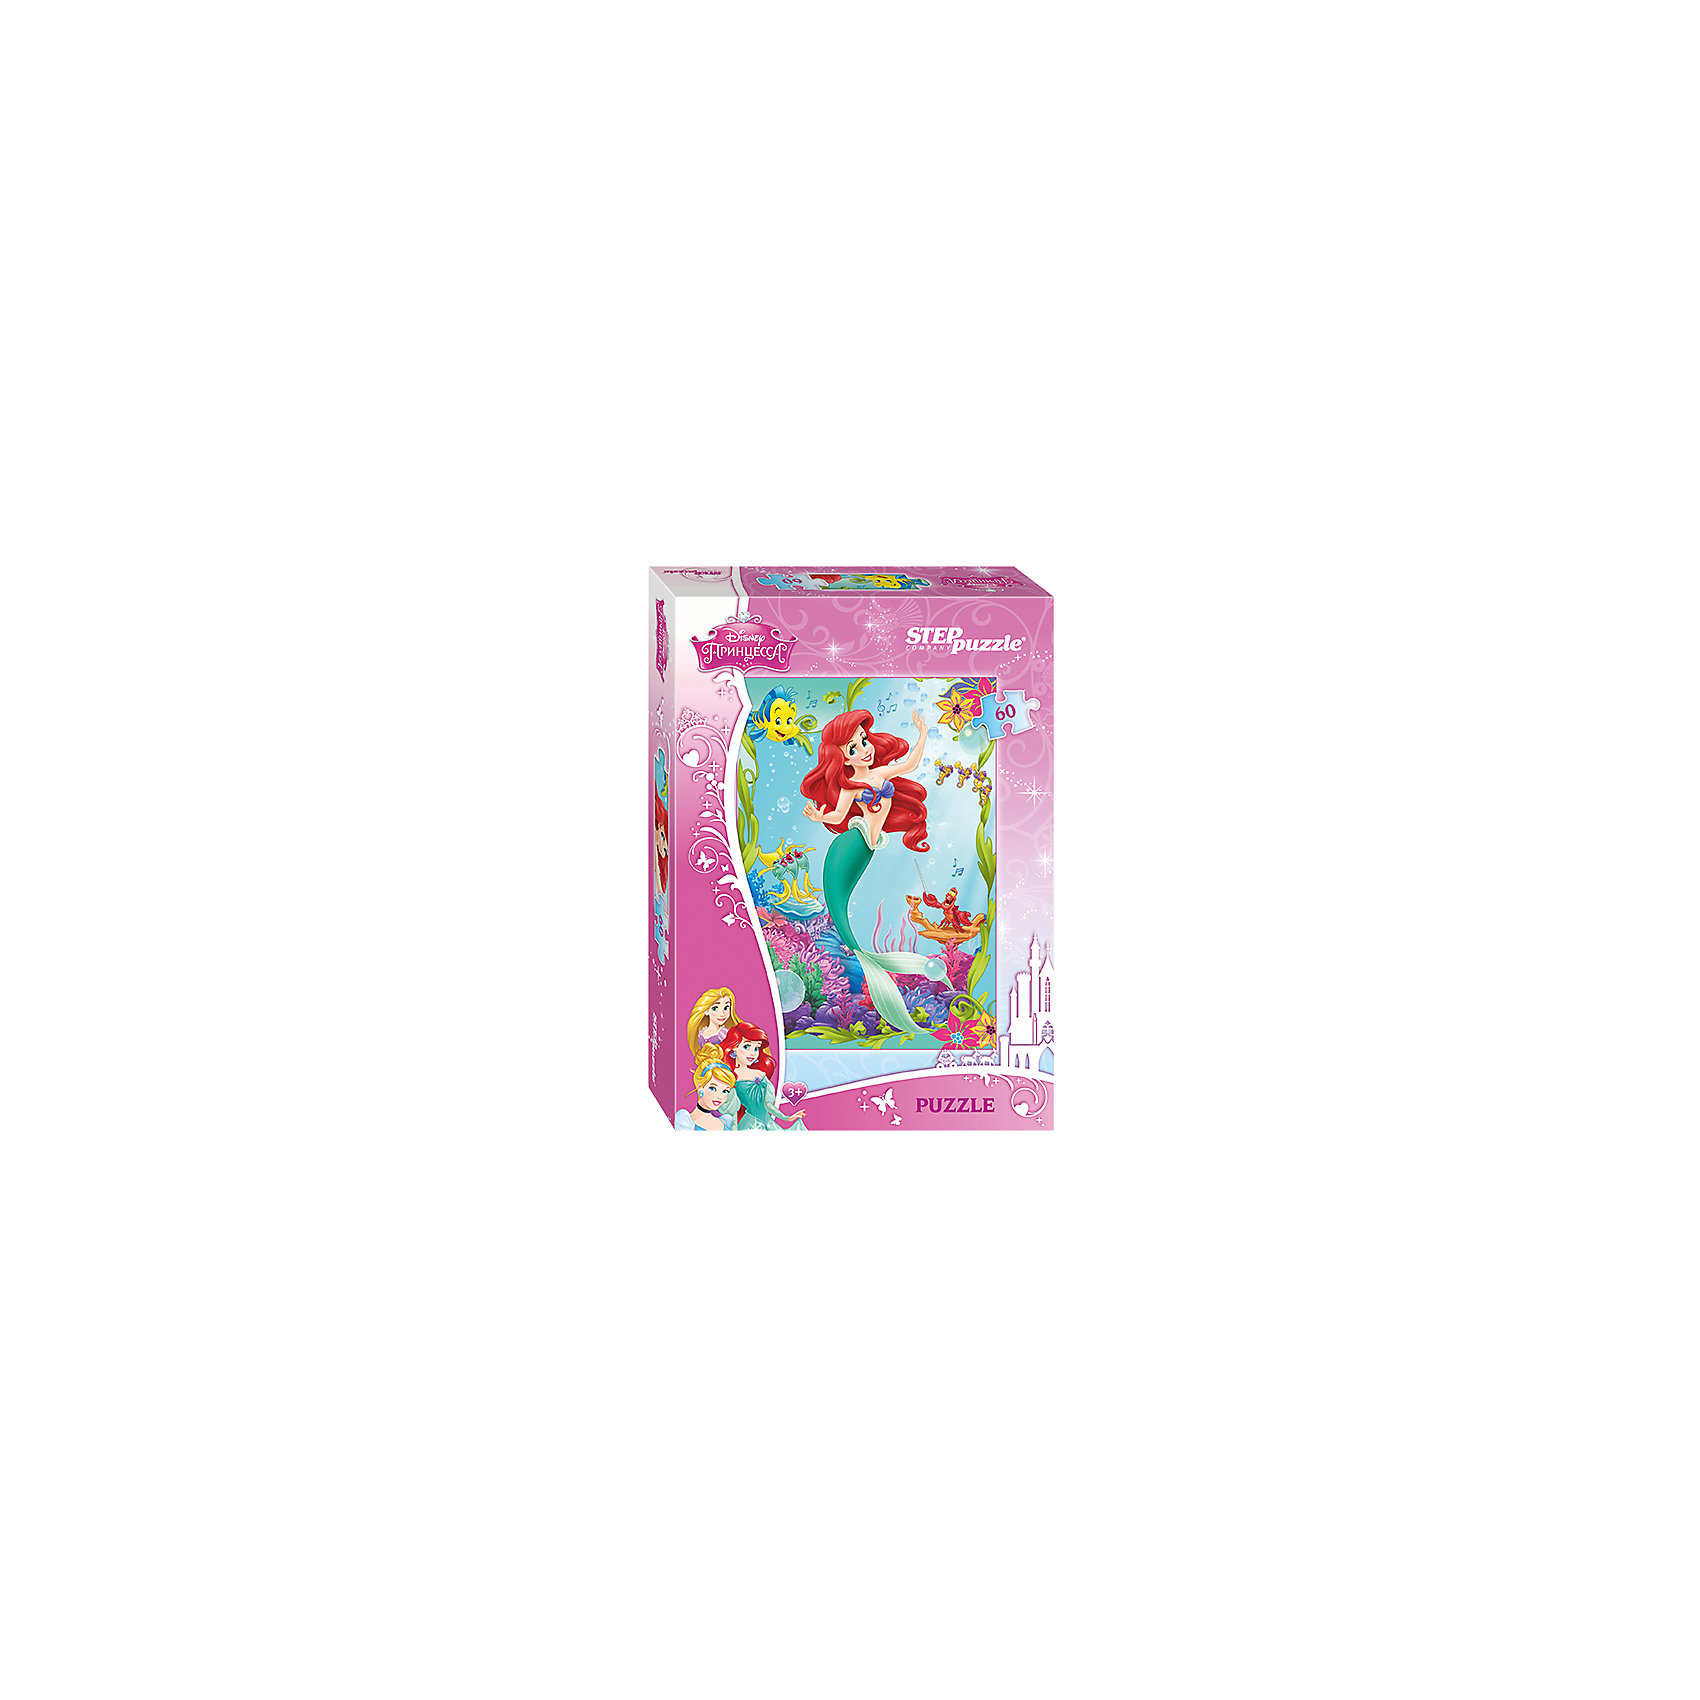 Степ Пазл Пазл Русалочка, 60 деталей, Disney Princess, Step Puzzle пазл для раскрашивания арт терапия царь зверей origami 360 деталей